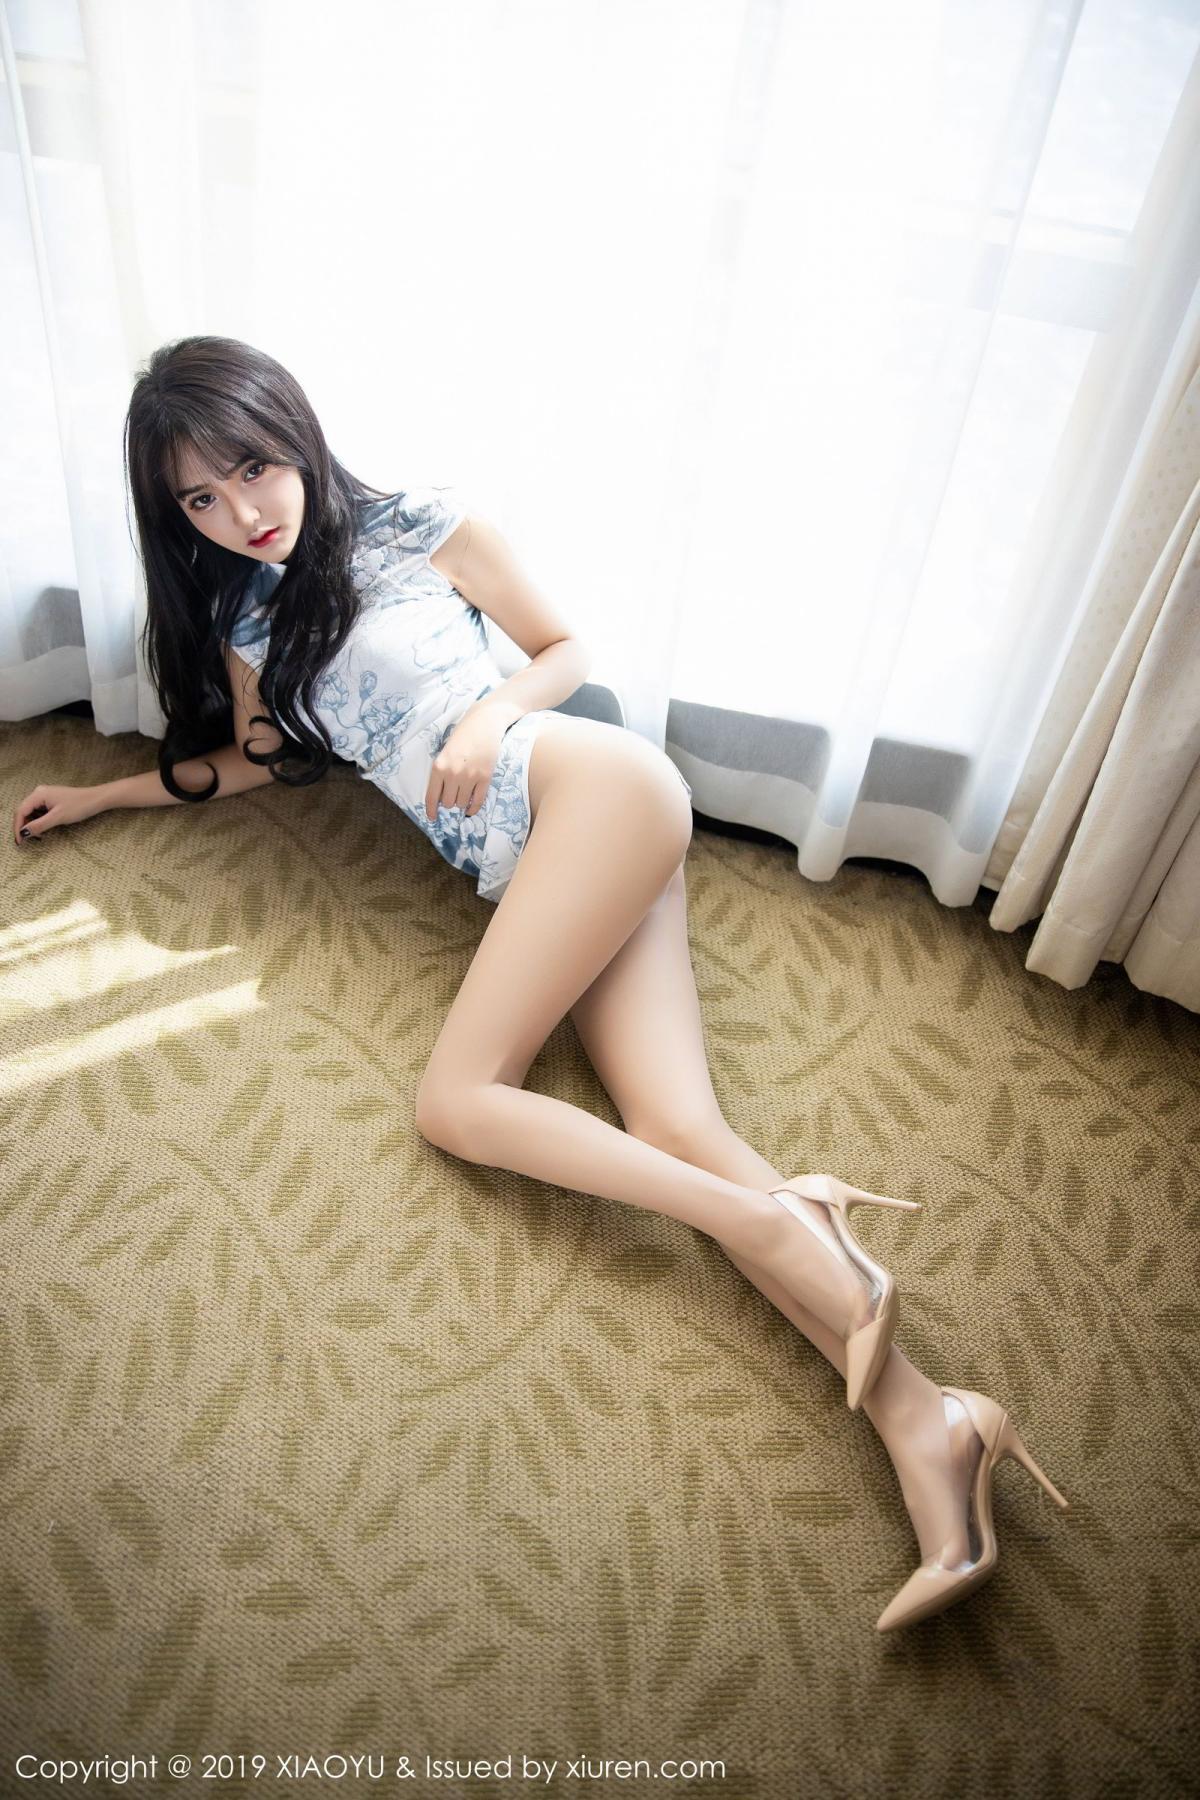 [XiaoYu] Vol.200 Miko Jiang 51P, Miko Jiang, Slim, Tall, Underwear, XiaoYu